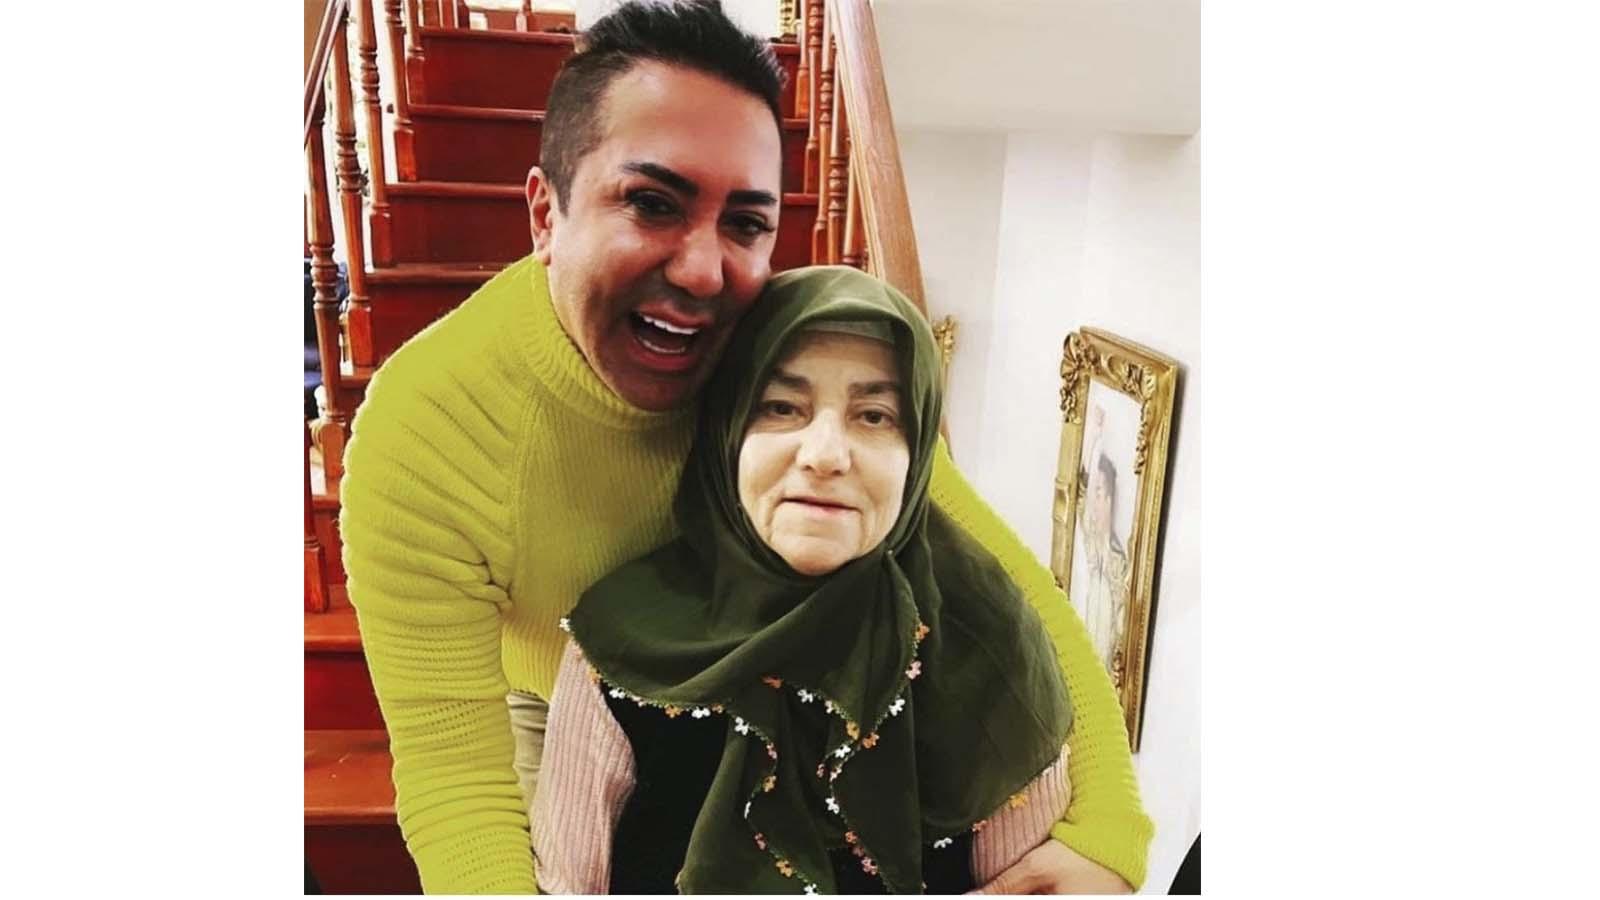 Murat Övüç'ün annesi kimdir? Öldü mü? Kaç yaşında, neden öldü?